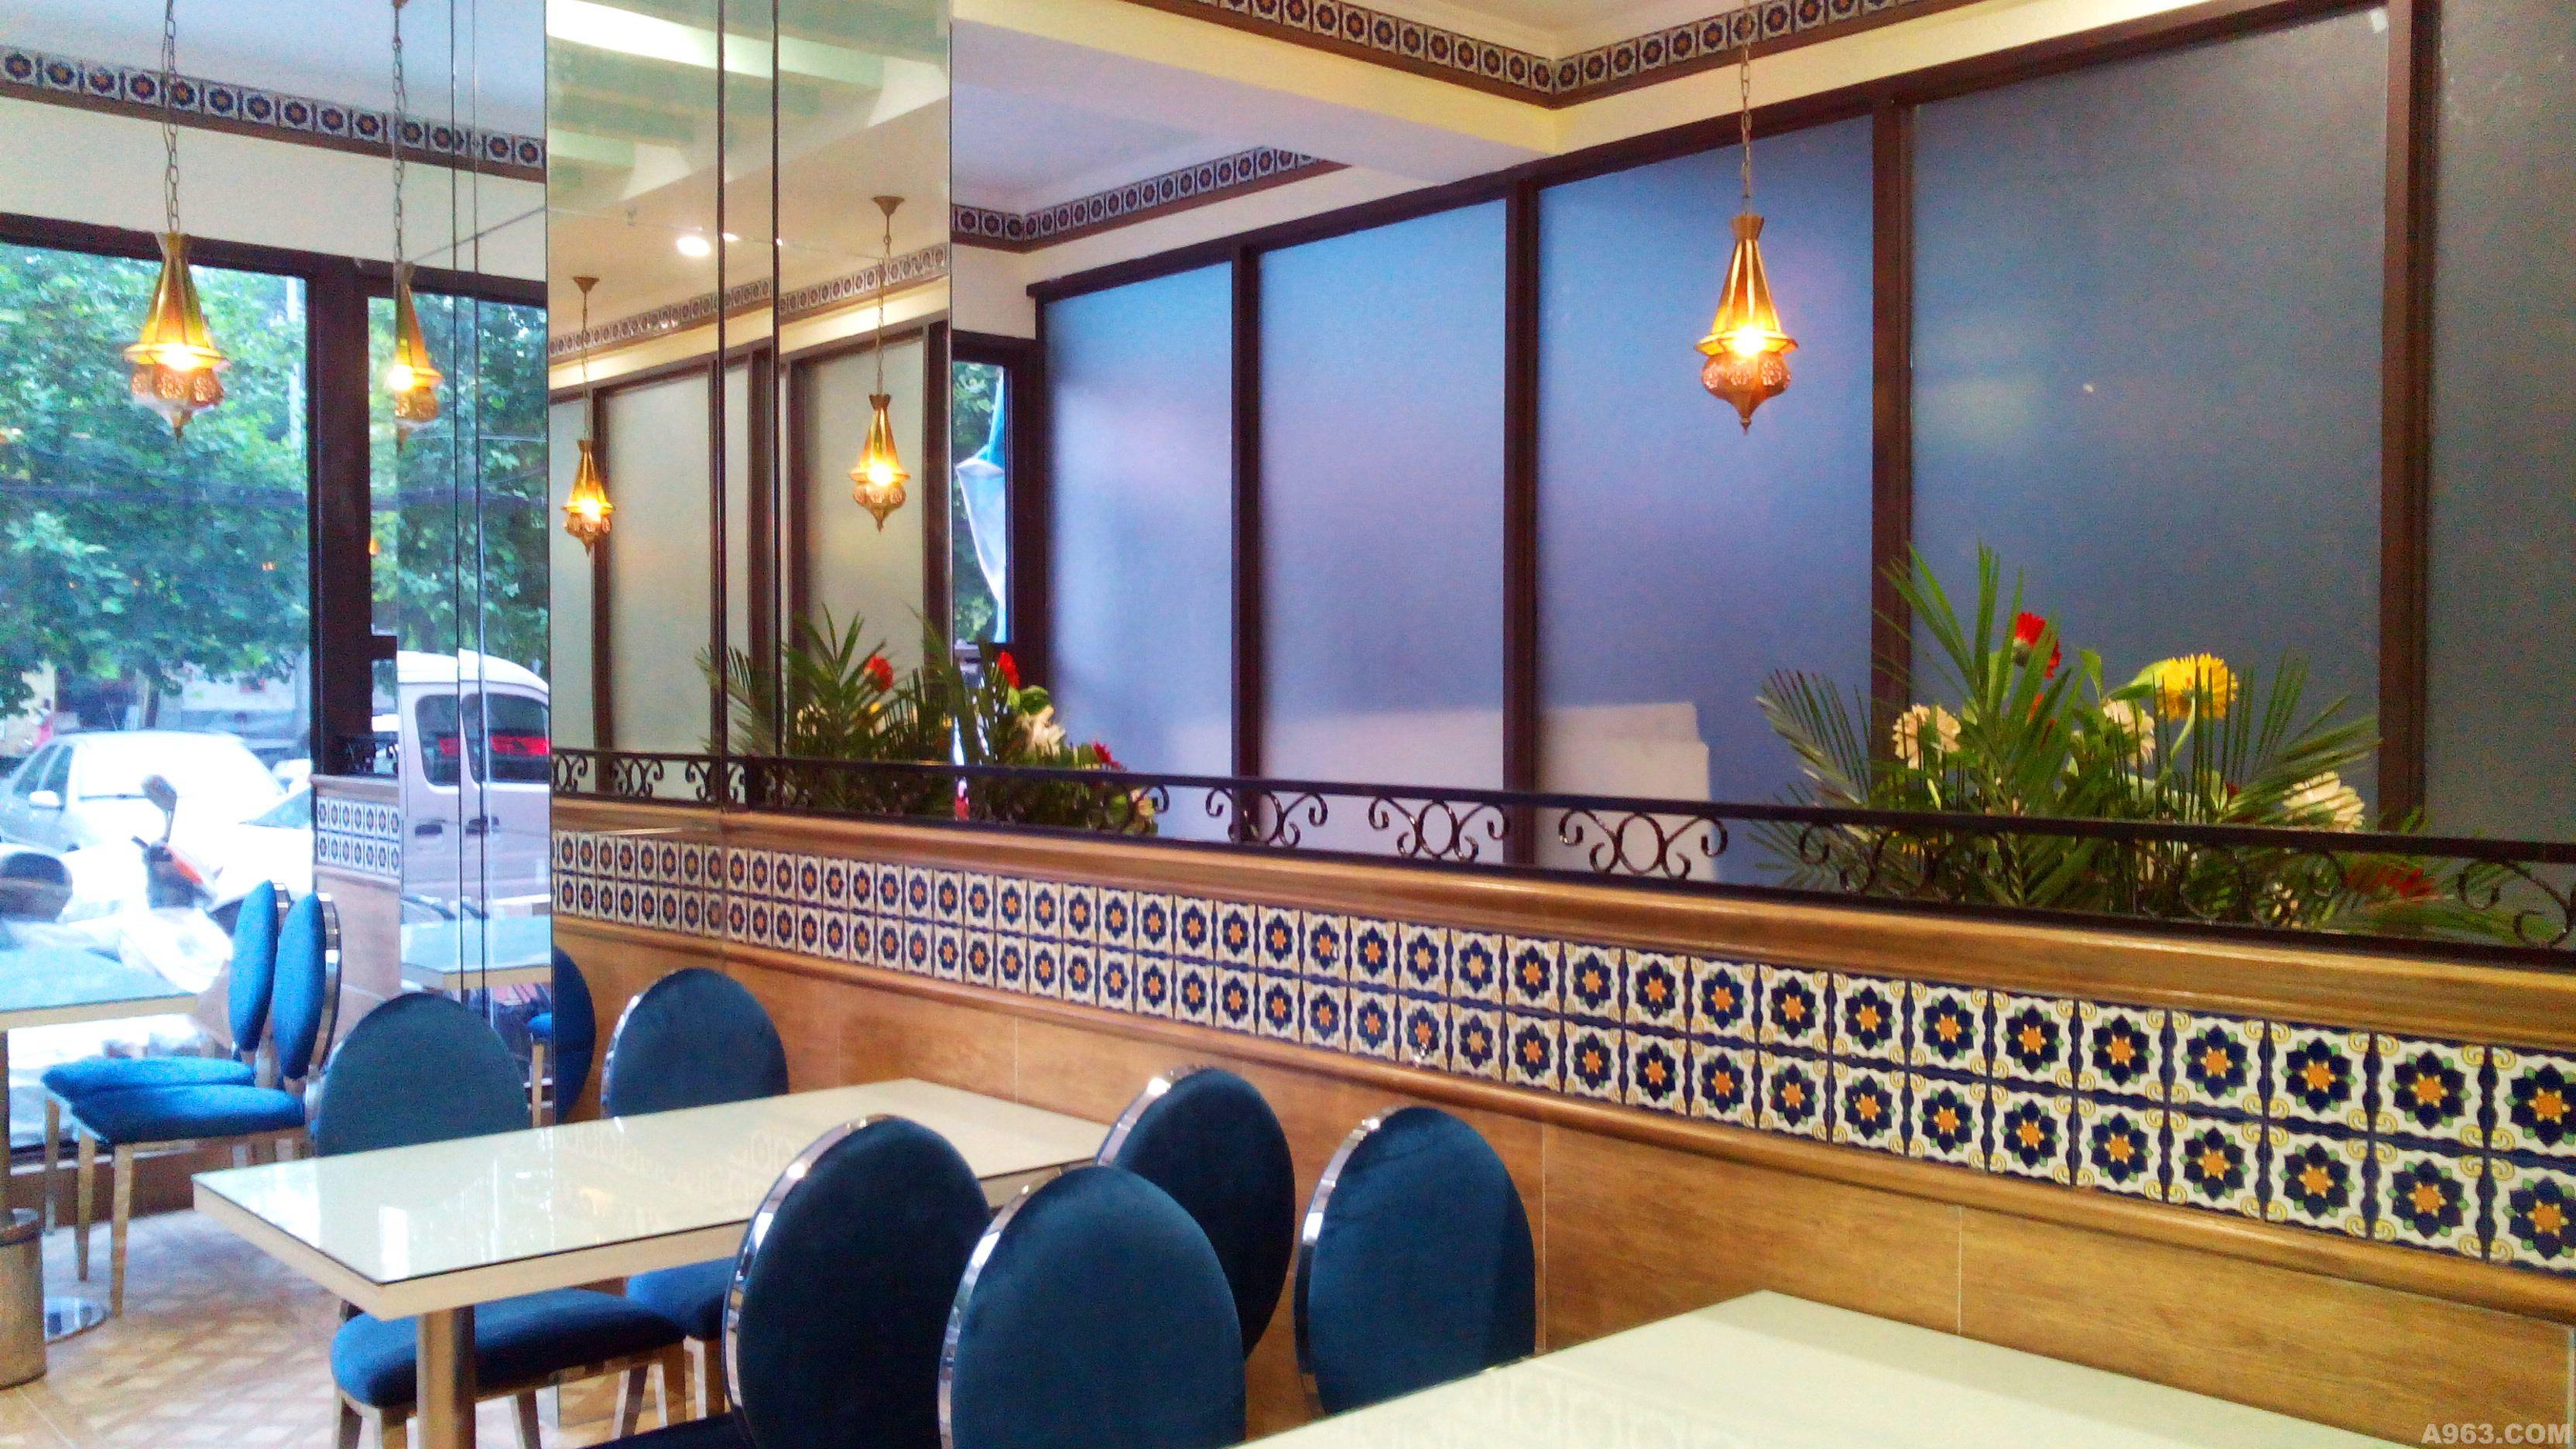 清真沙特尔牛肉饼餐厅 - 餐饮空间 - 马录设计作品案例